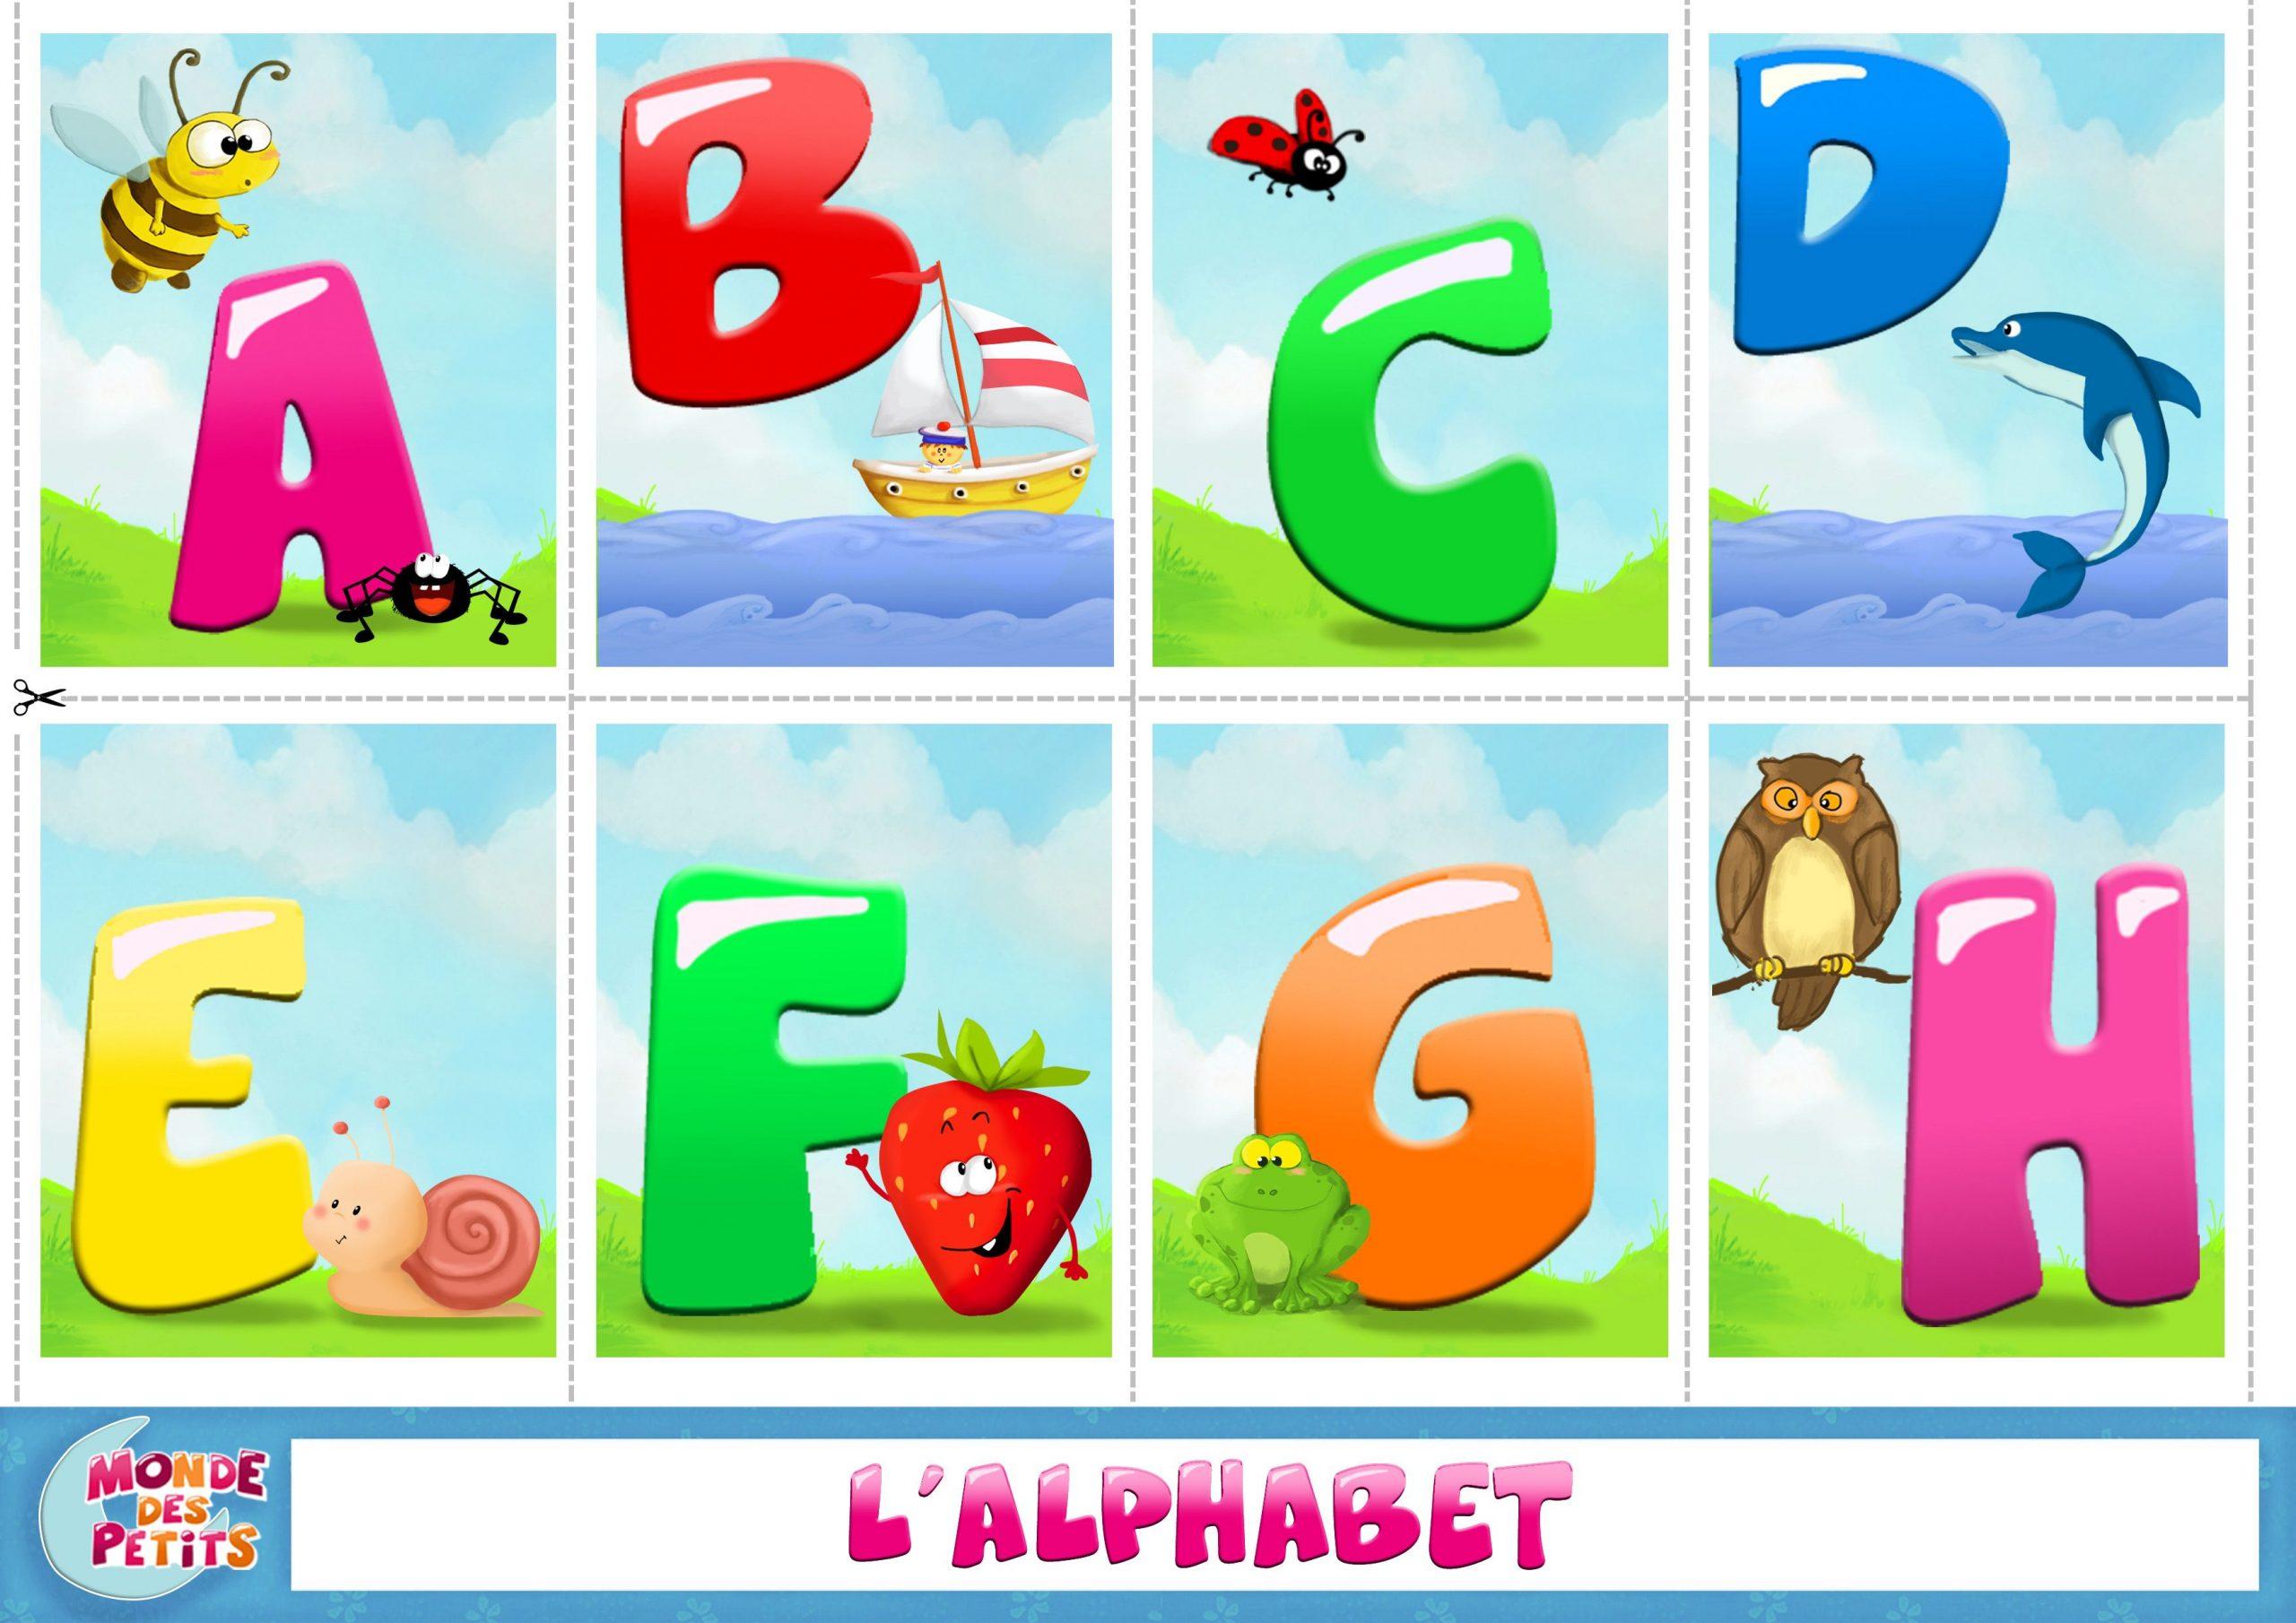 Apprendre-Alphabet-A (3508×2480)   Apprendre L'alphabet serapportantà Jeux De Lettres Enfants